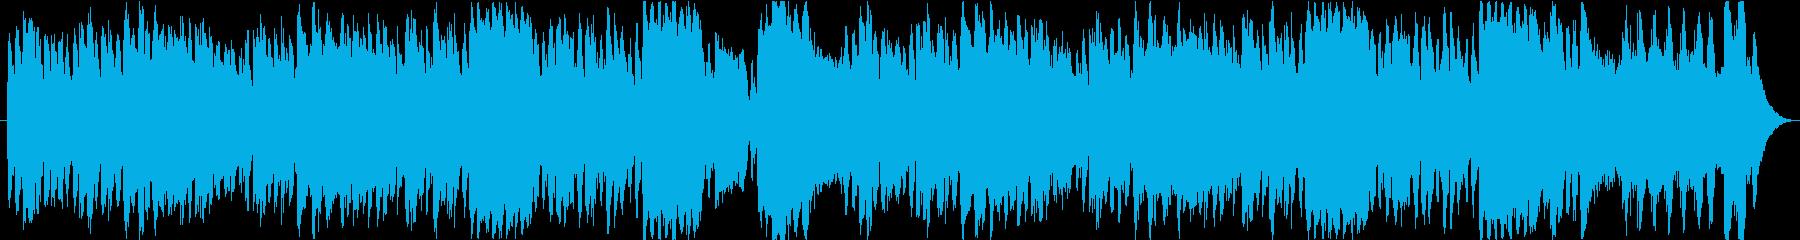 コミカルなメロディがかわいいフルートの再生済みの波形